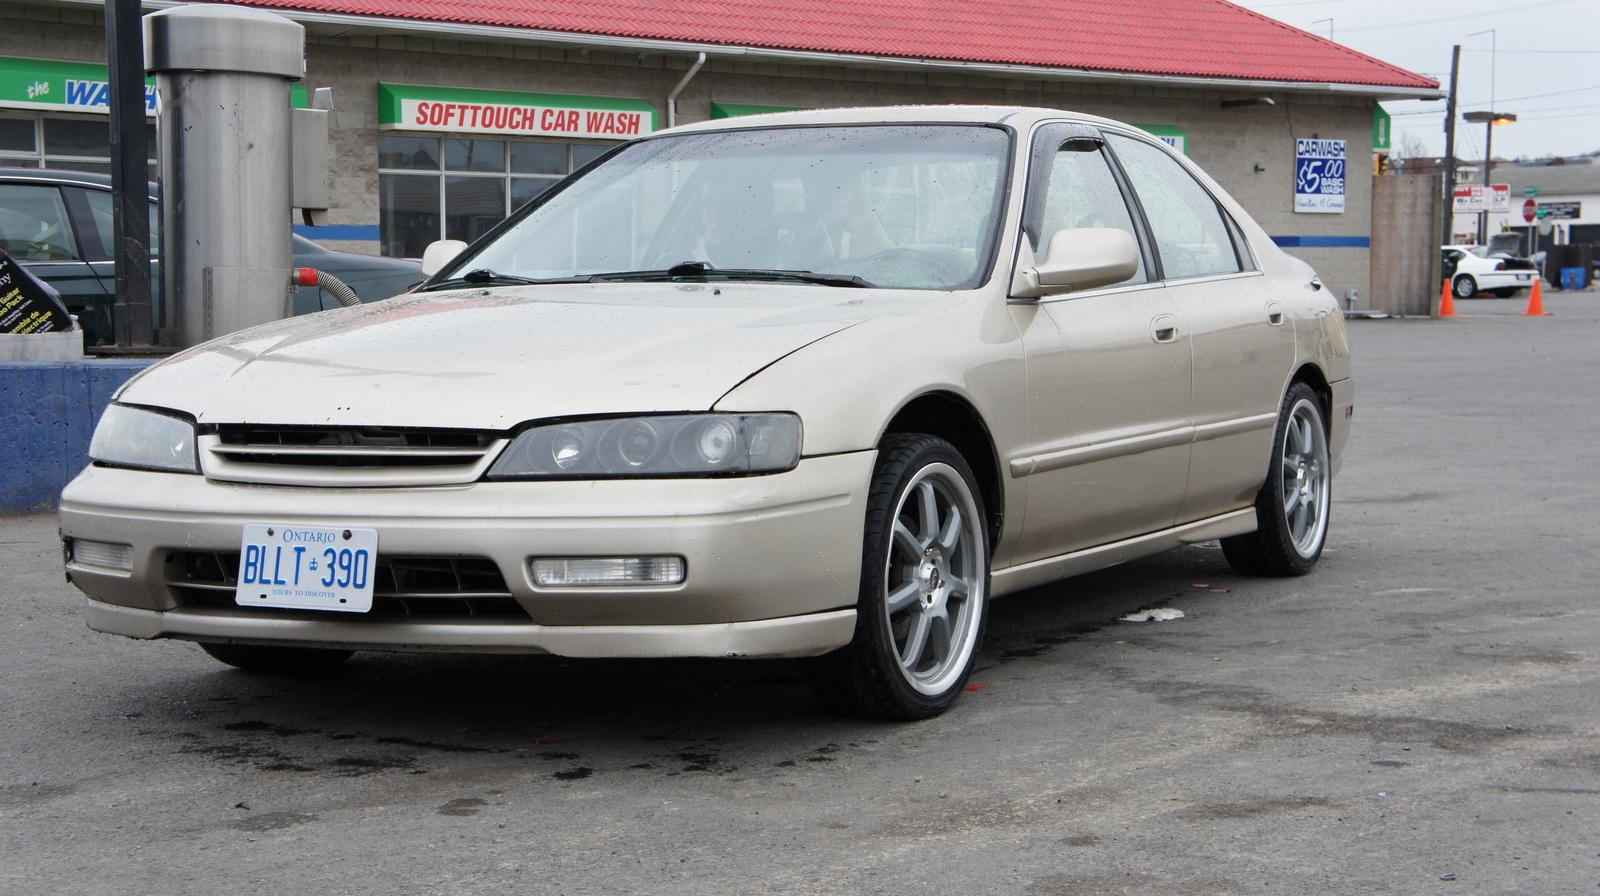 1994 Honda Accord - Exterior Pictures - CarGurus